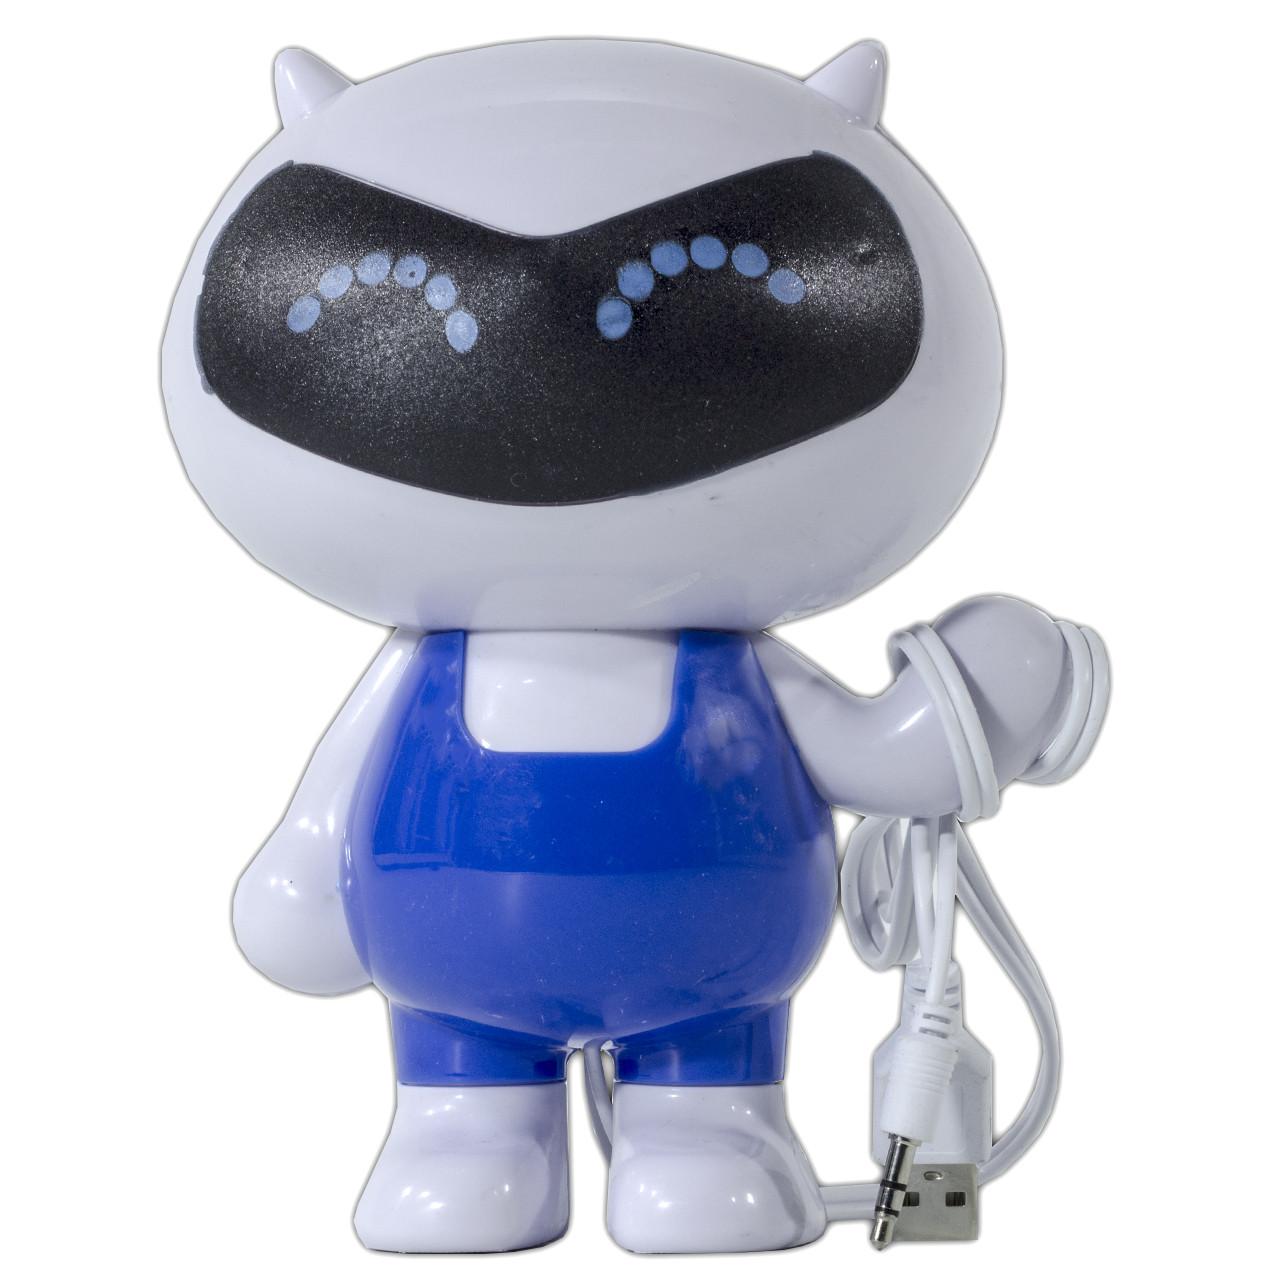 Динамик компьютерный SMART бело-голубой для музыки в виде игрушки мощное звучание с питанием от USB джек 3,5